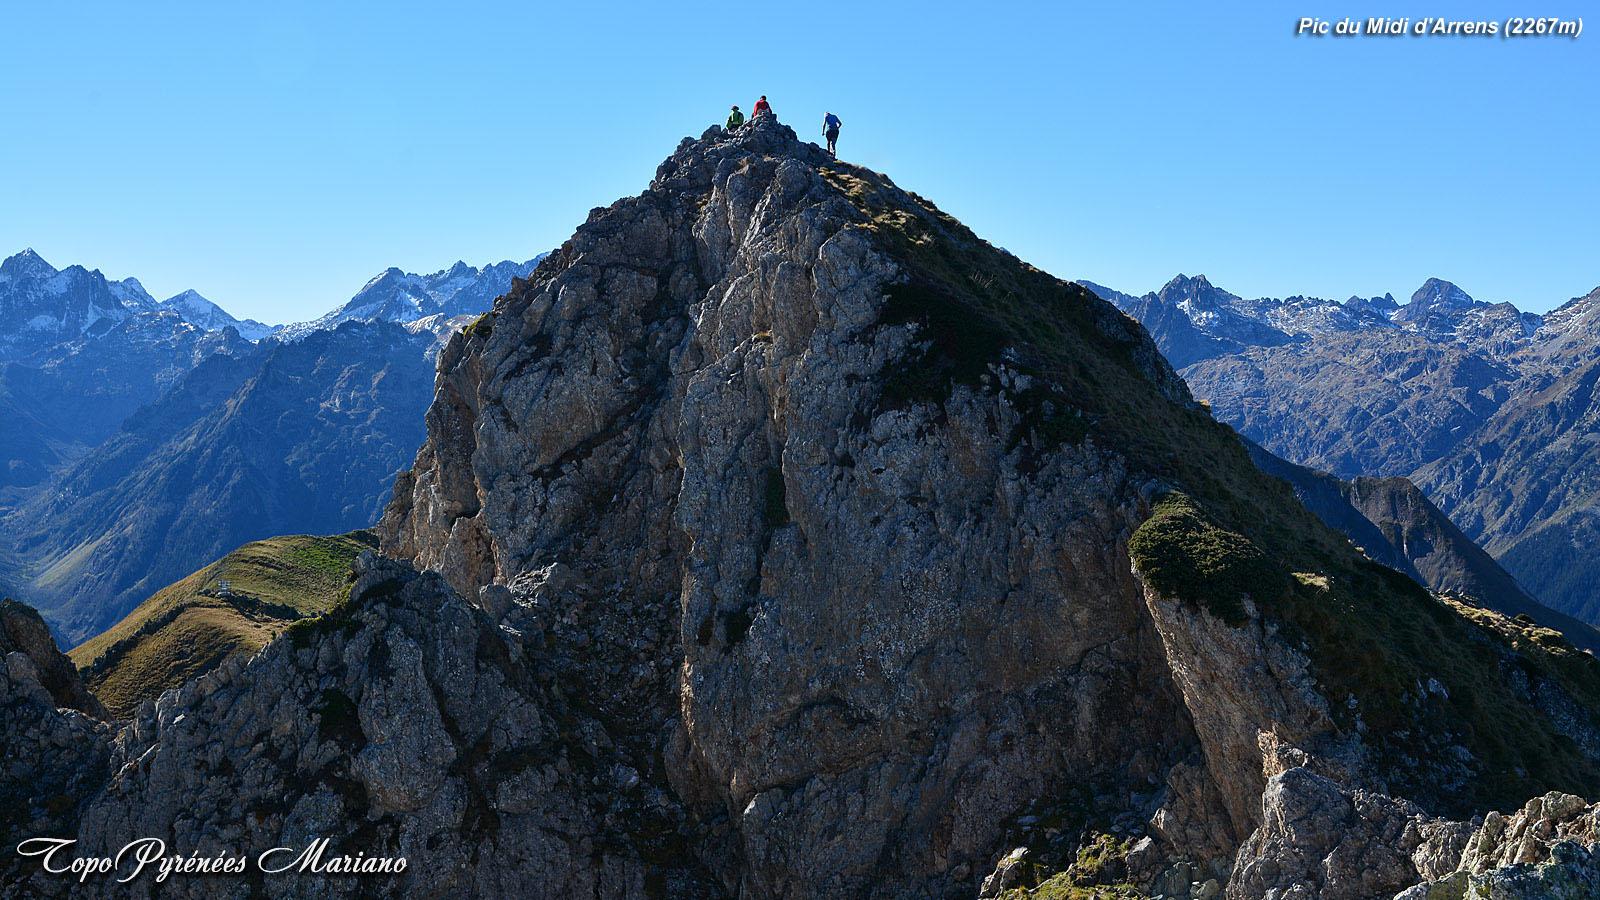 Randonnée Pic du Midi d'Arrens (2267m) et Pic de Mousquès (2222m)